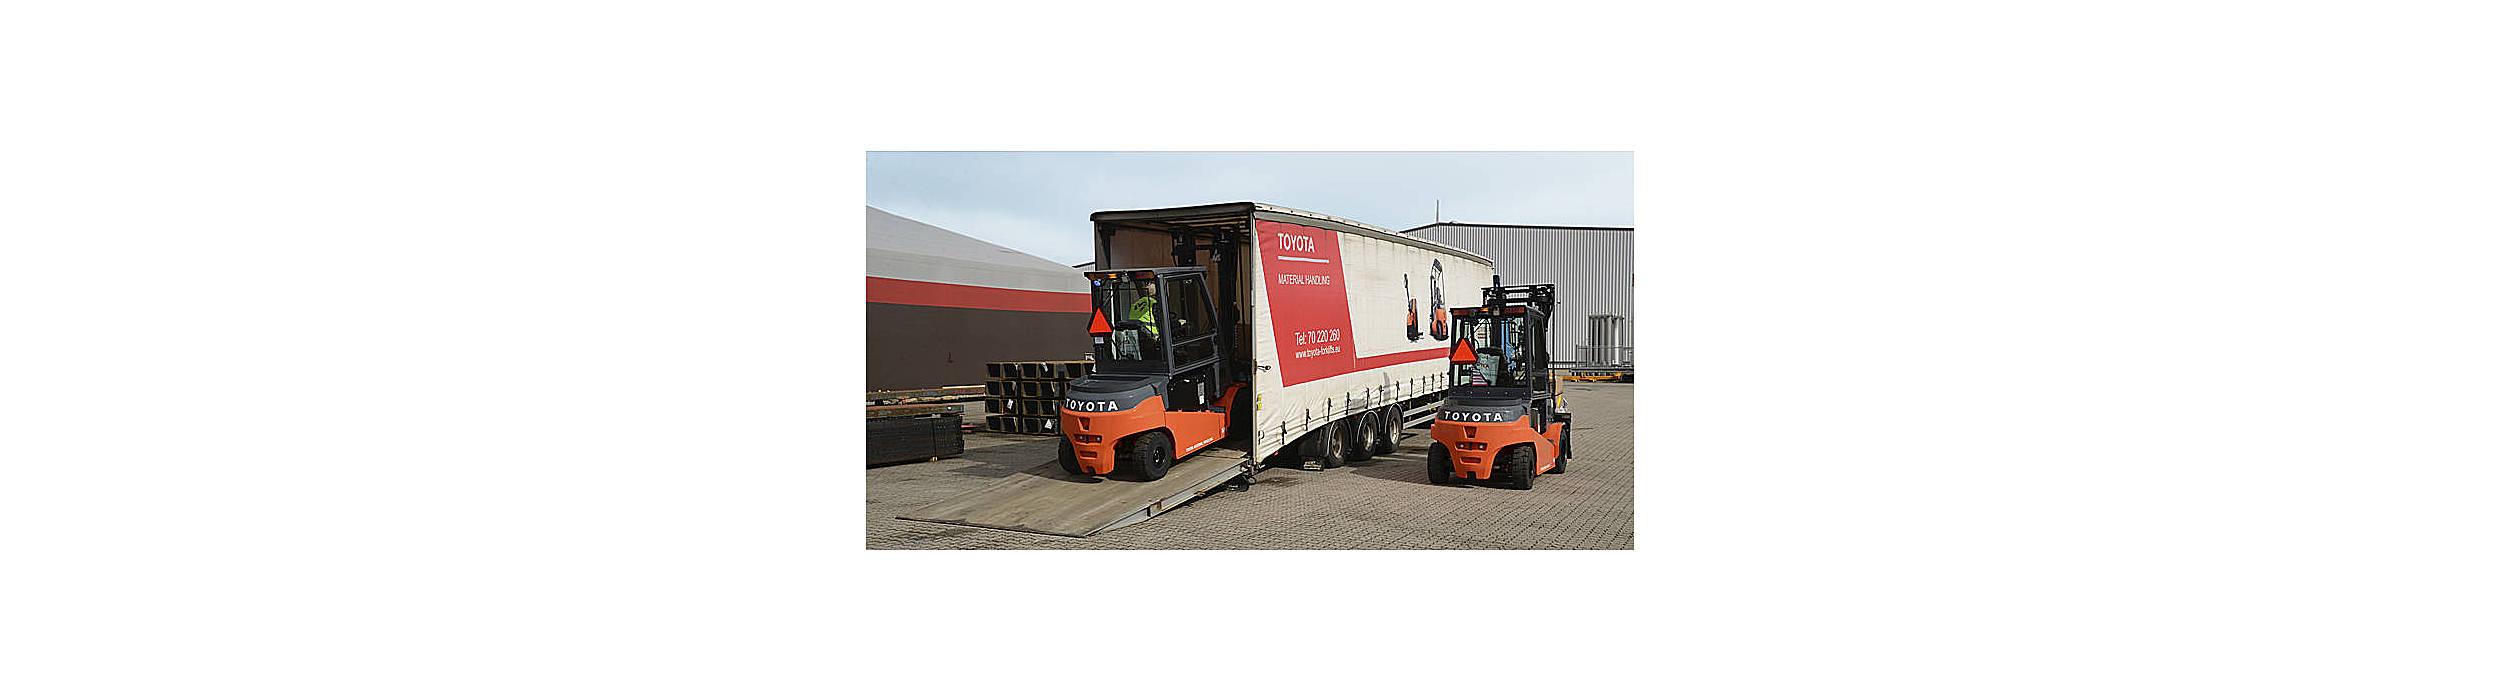 Toyota leverer gaffeltruck til kunde med stor truckflåde